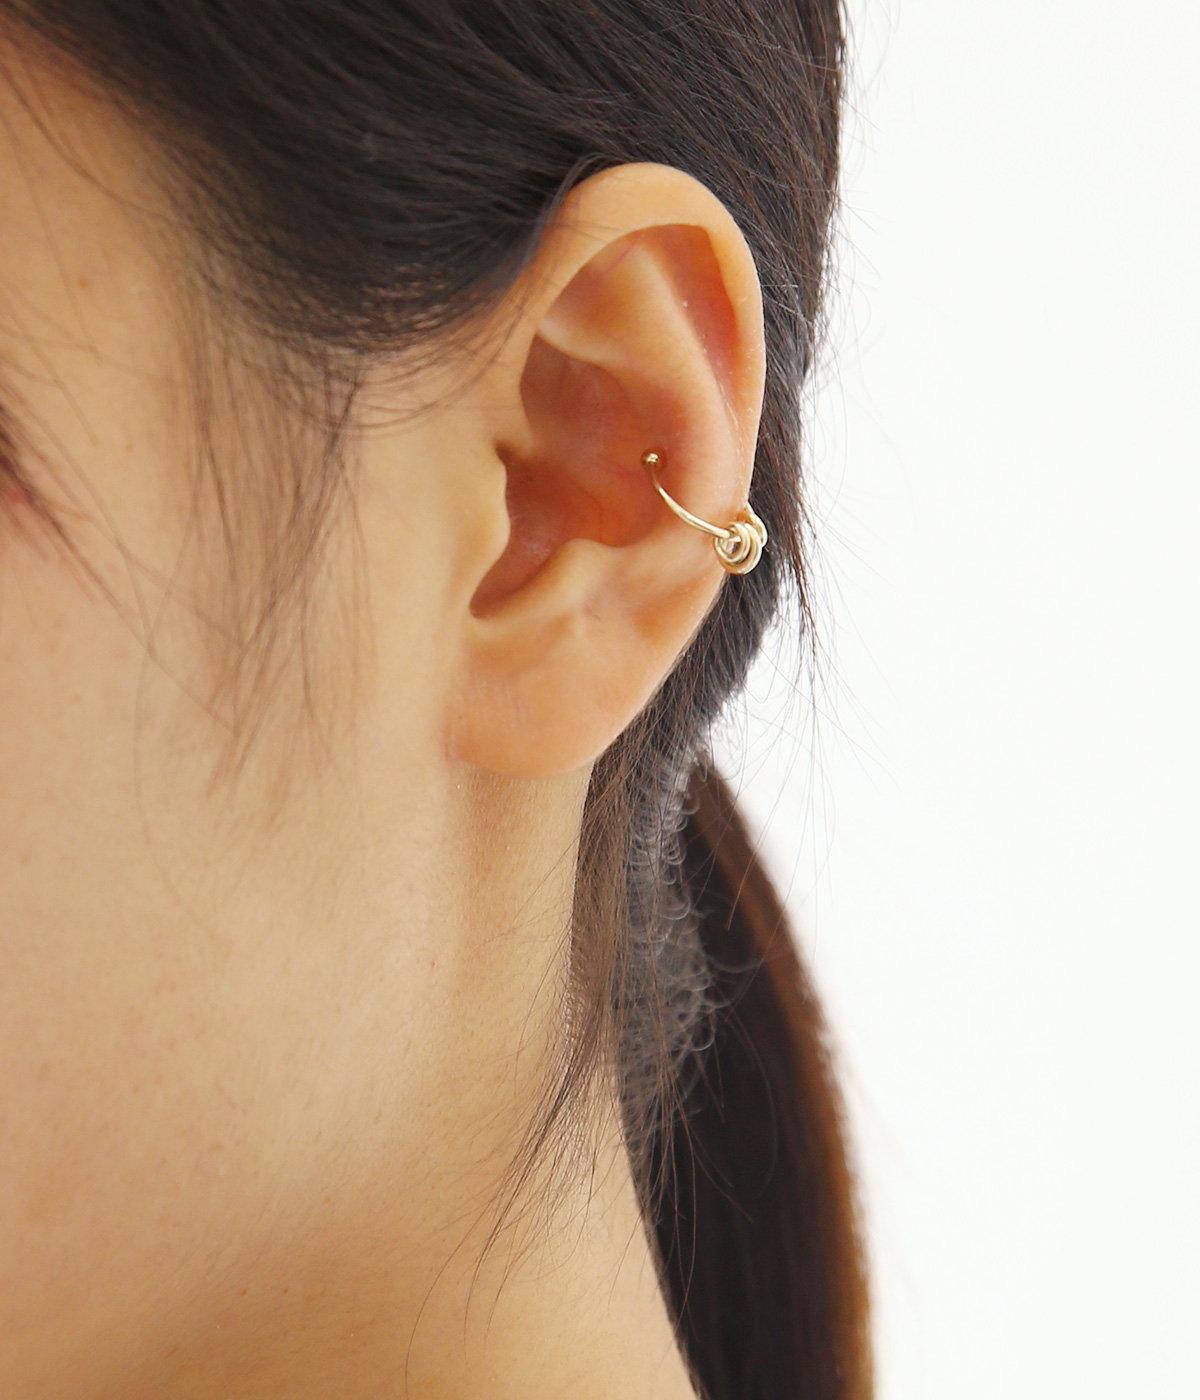 【レディース】3 Circles Ear Cuff(イヤーカフ)